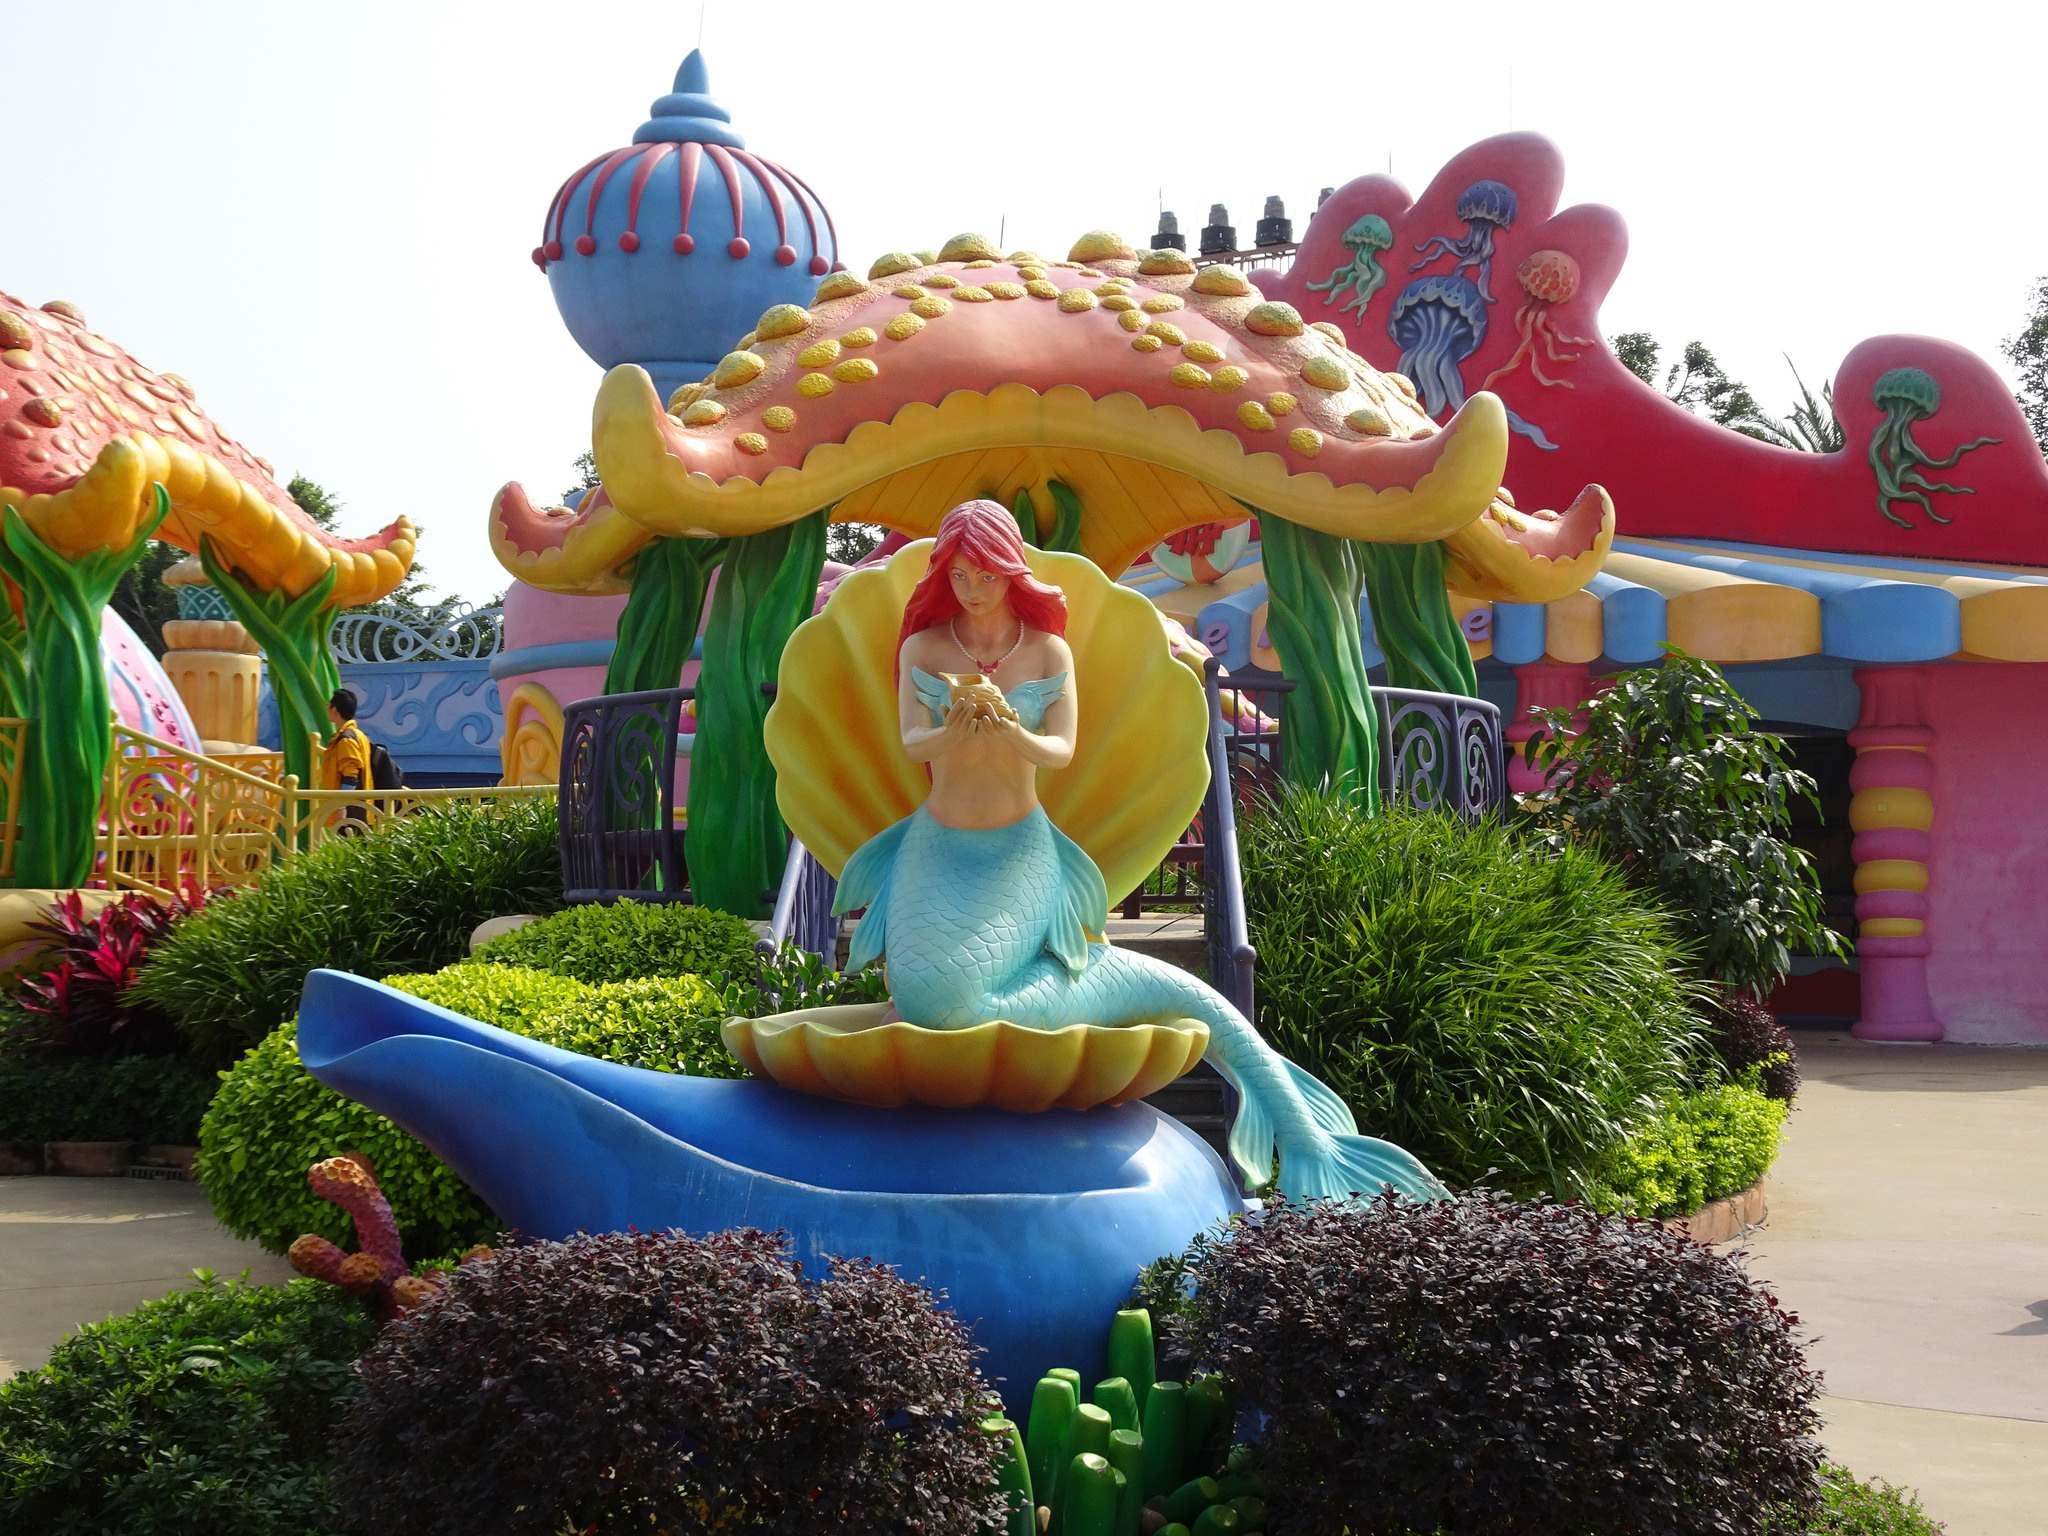 chimelong ocean kingdom9 Chimelong Ocean Kingdom   Worlds Largest Aquarium